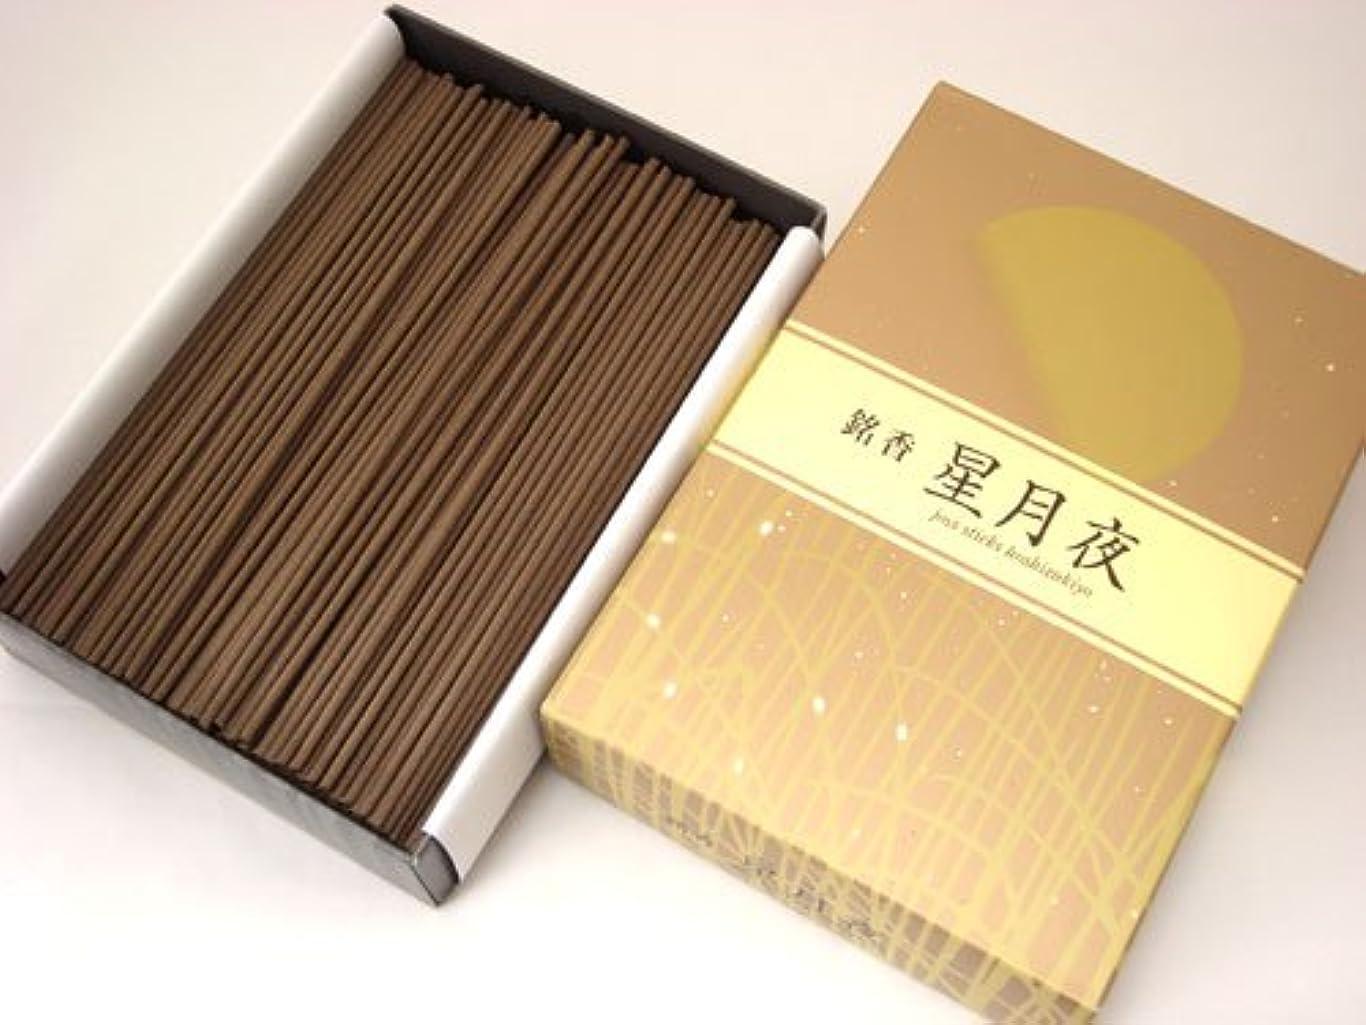 特別な南りんご日本香堂 微煙タイプ【銘香 星月夜(ほしづきよ)】 バラ詰 大箱